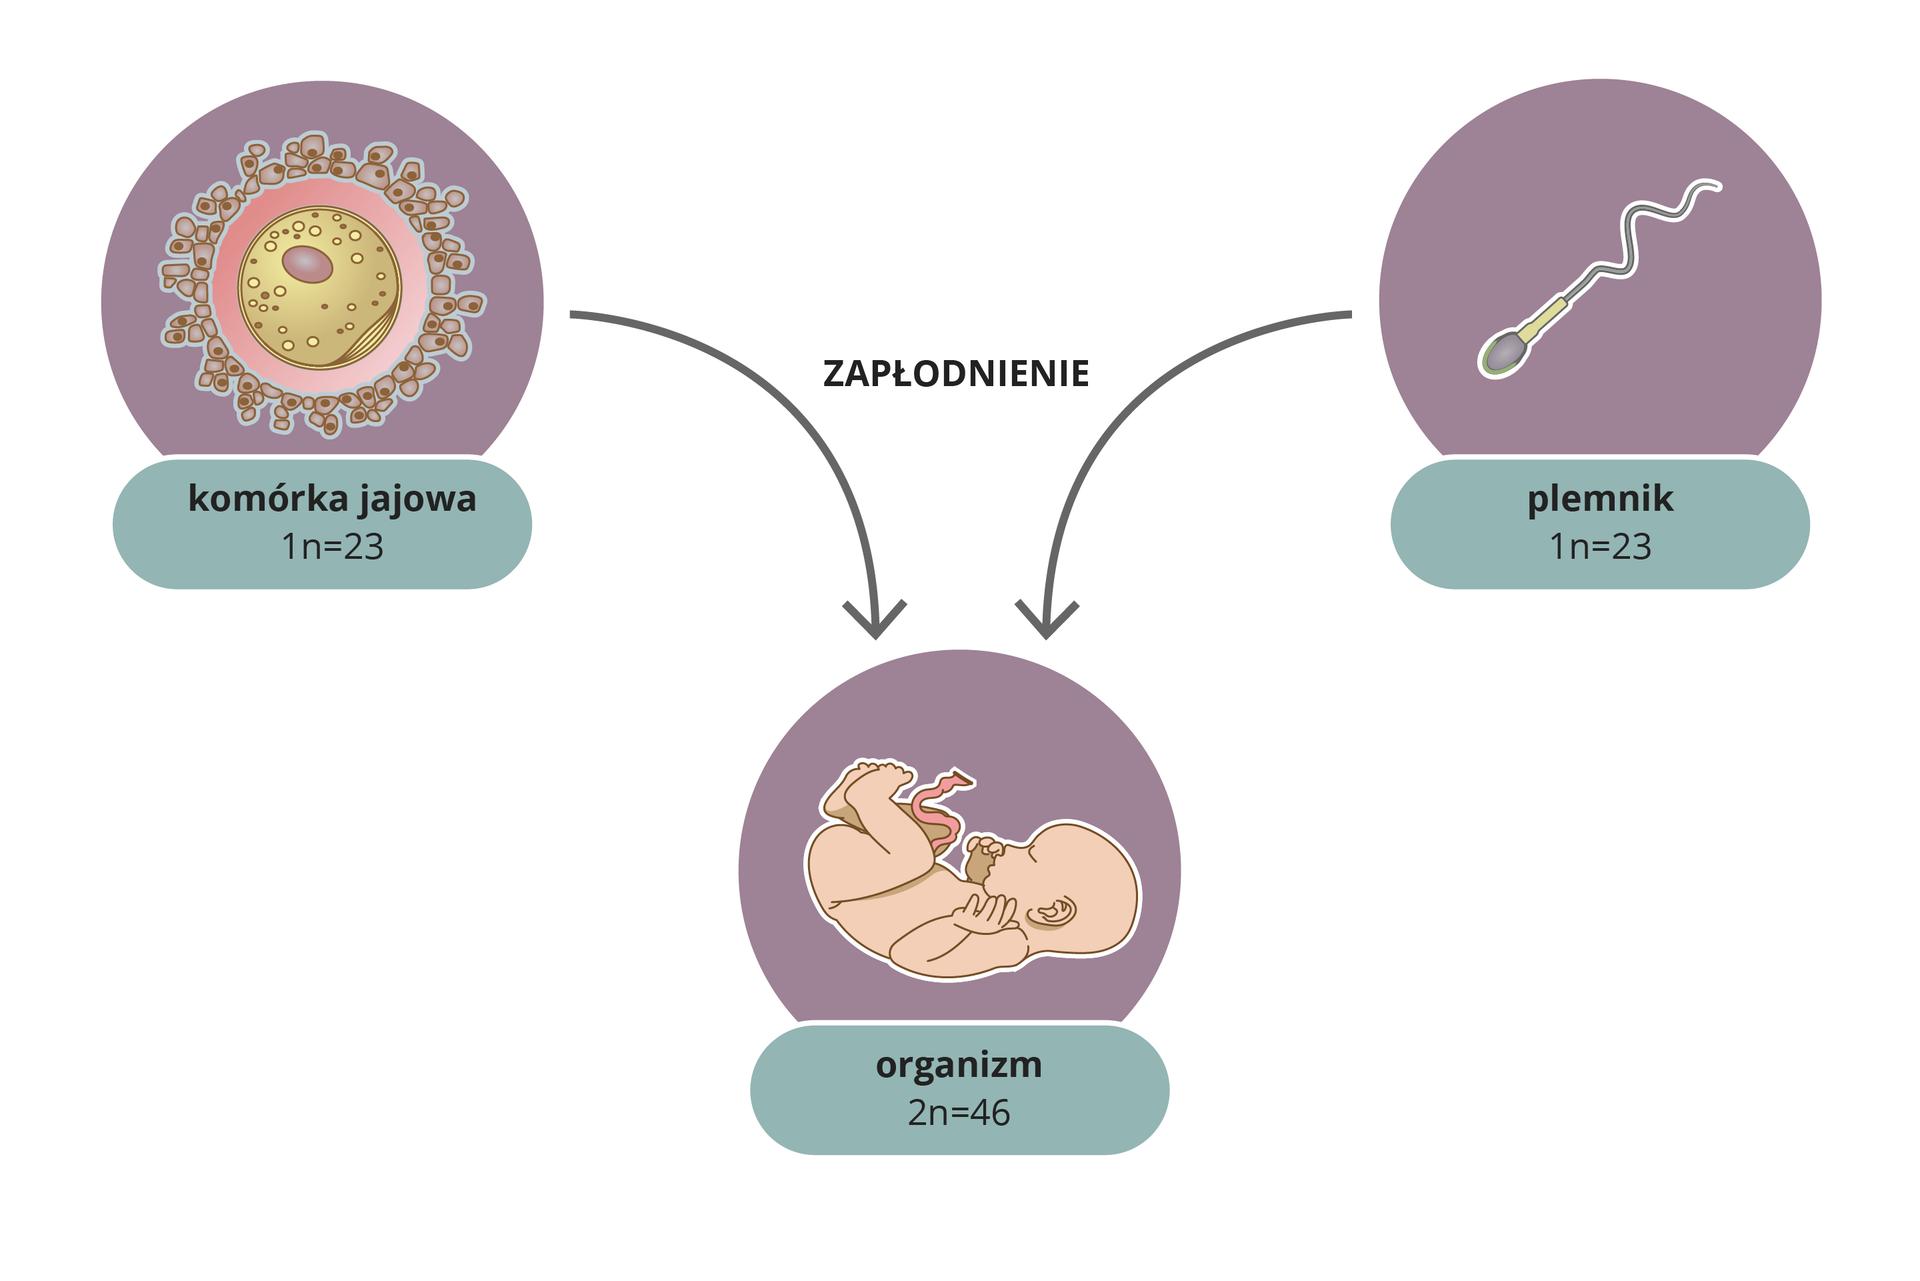 Ilustracja przestawia trzy liliowe koła zrysunkami wśrodku. Zlewej okrągła komórka jajowa ipodpis 1n=23. Zprawej wydłużony plemnik ipodpis 1n=23. To liczba chromosomów wgametach. Od nich strzałki wdół znapisem zapłodnienie. Poniżej rysunek dziecka ipodpis 2n=46. To liczba chromosomów worganizmie potomnym, powstałym zpołączenia gamet.